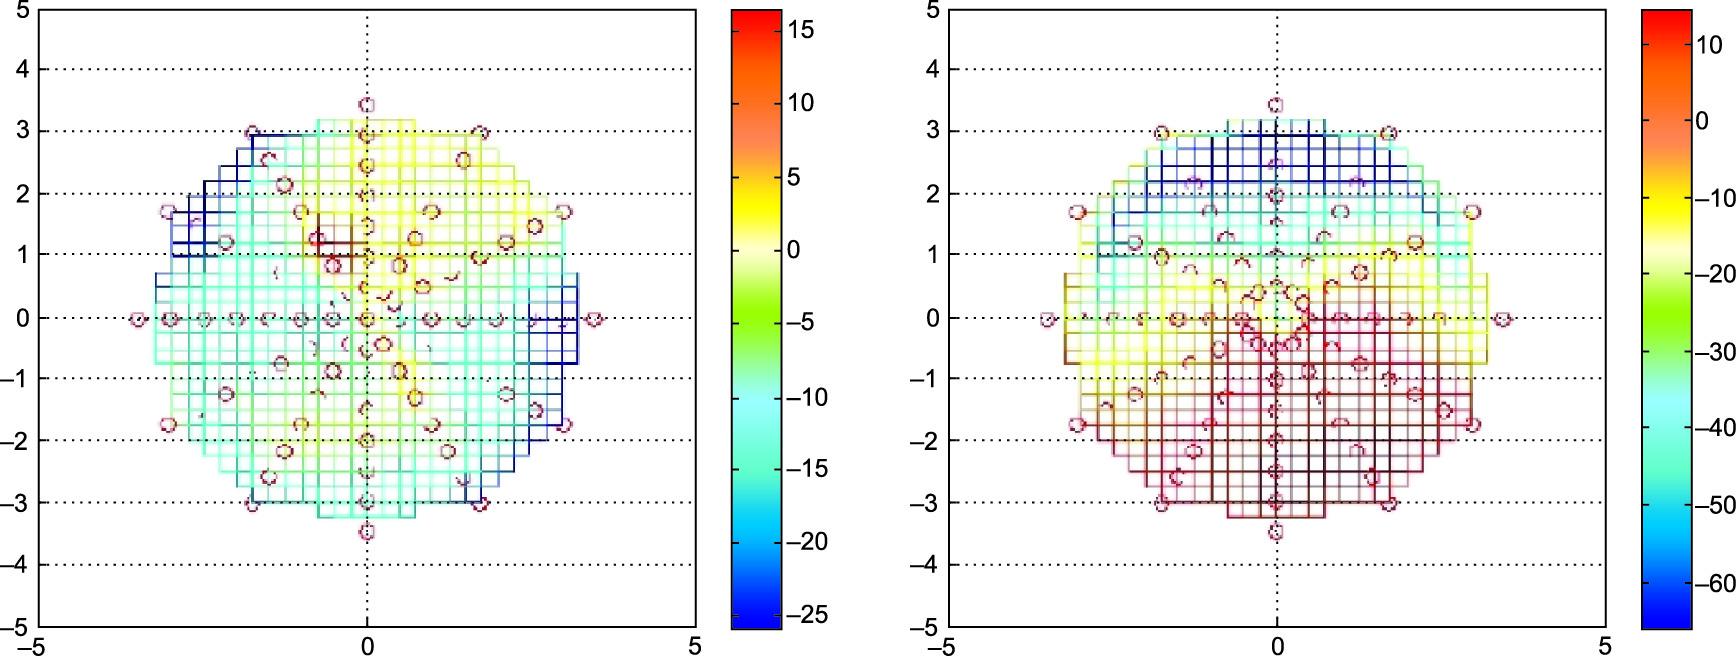 Профиль деформации ППЭ-элемента: синтеринг (слева); сплавление (справа)